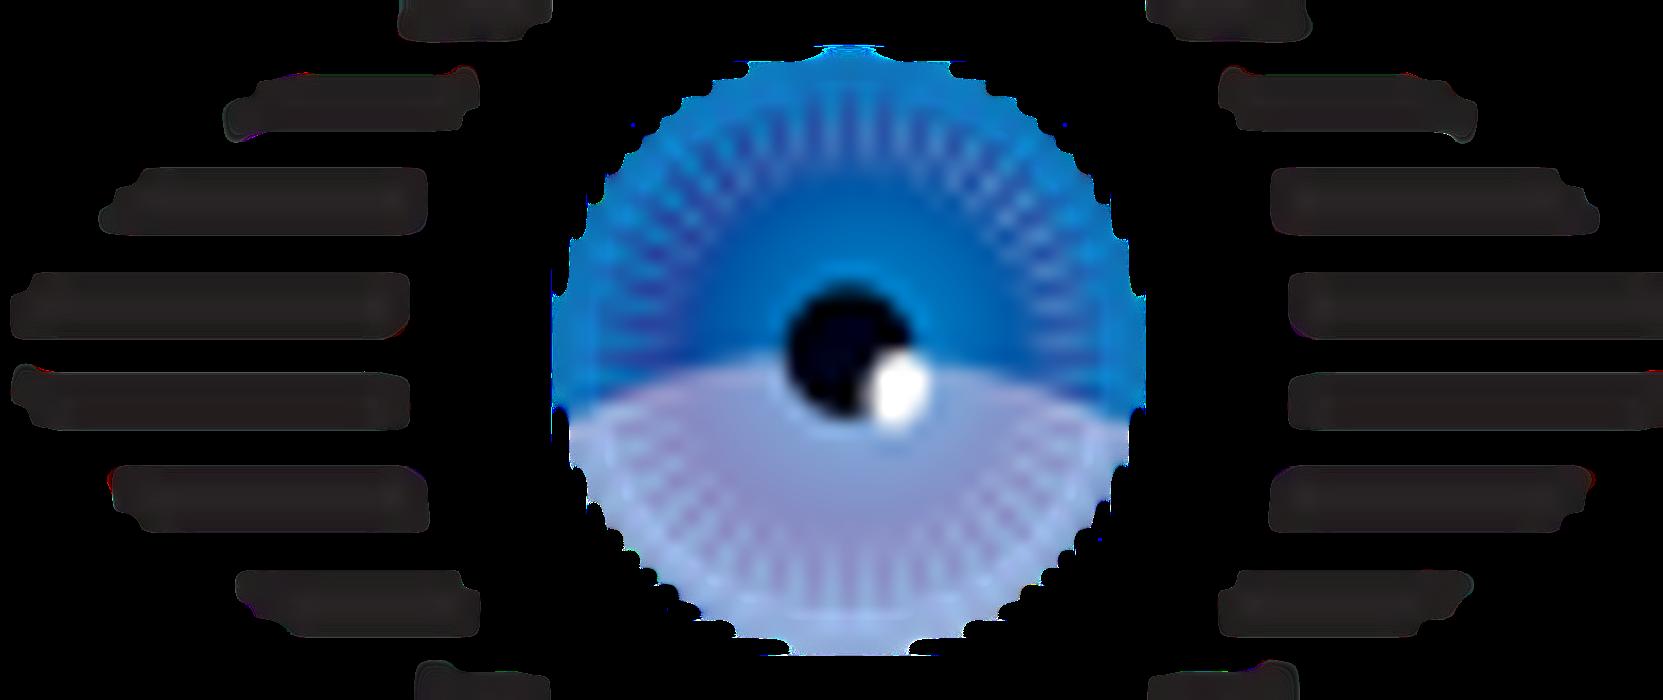 Bild zu Augenarztpraxis Koyuncu Tip Dr. Deniz Koyuncu in Dortmund